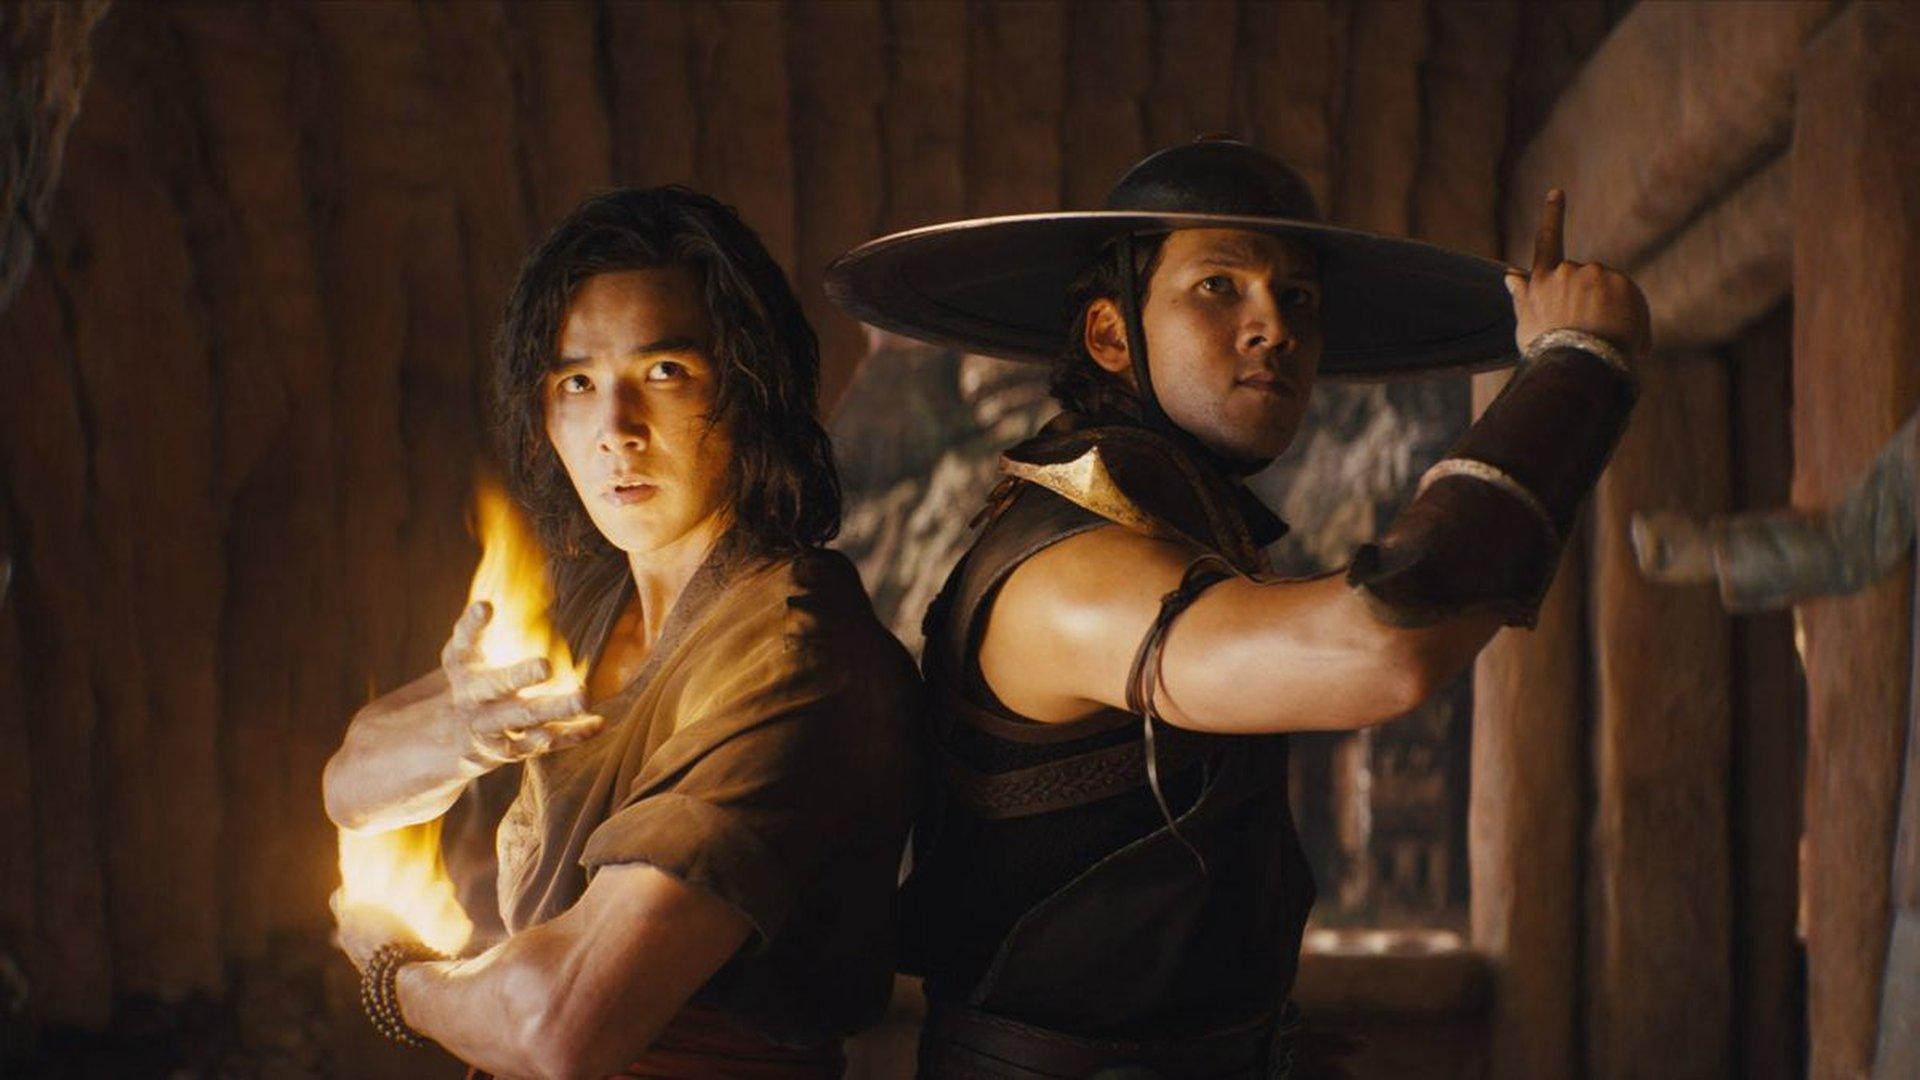 Ludi Lin & Max Huang